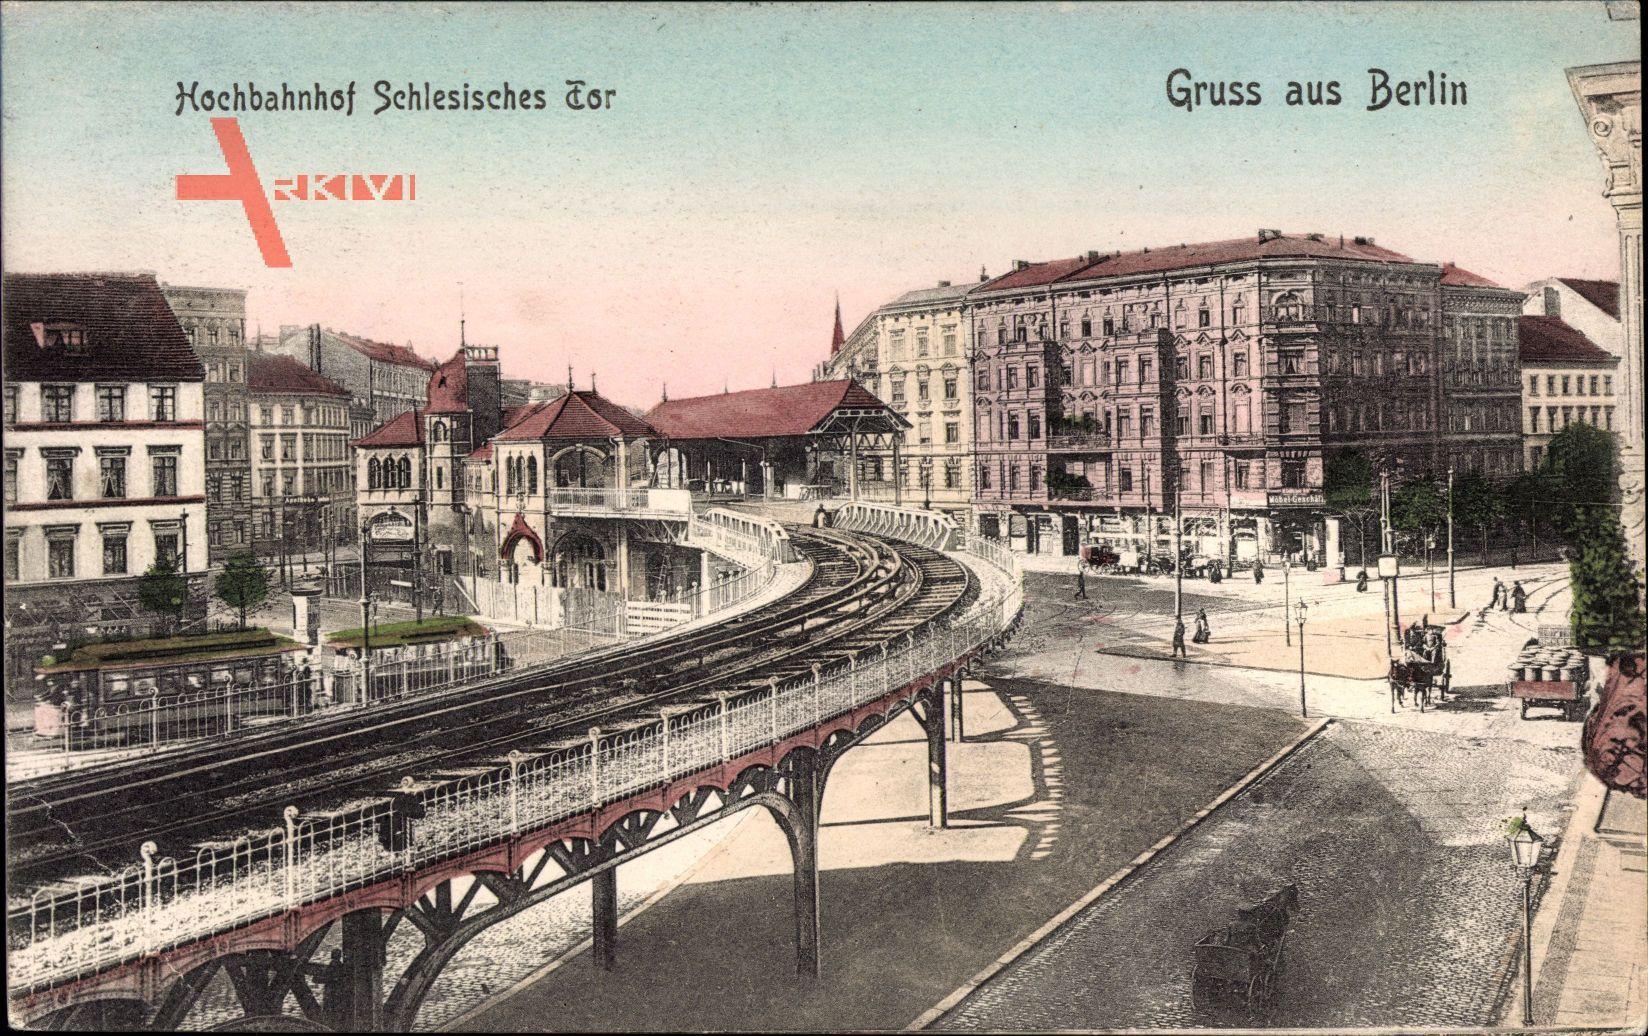 Berlin Kreuzberg, Blick auf den Hochbahnhof Schlesisches Tor